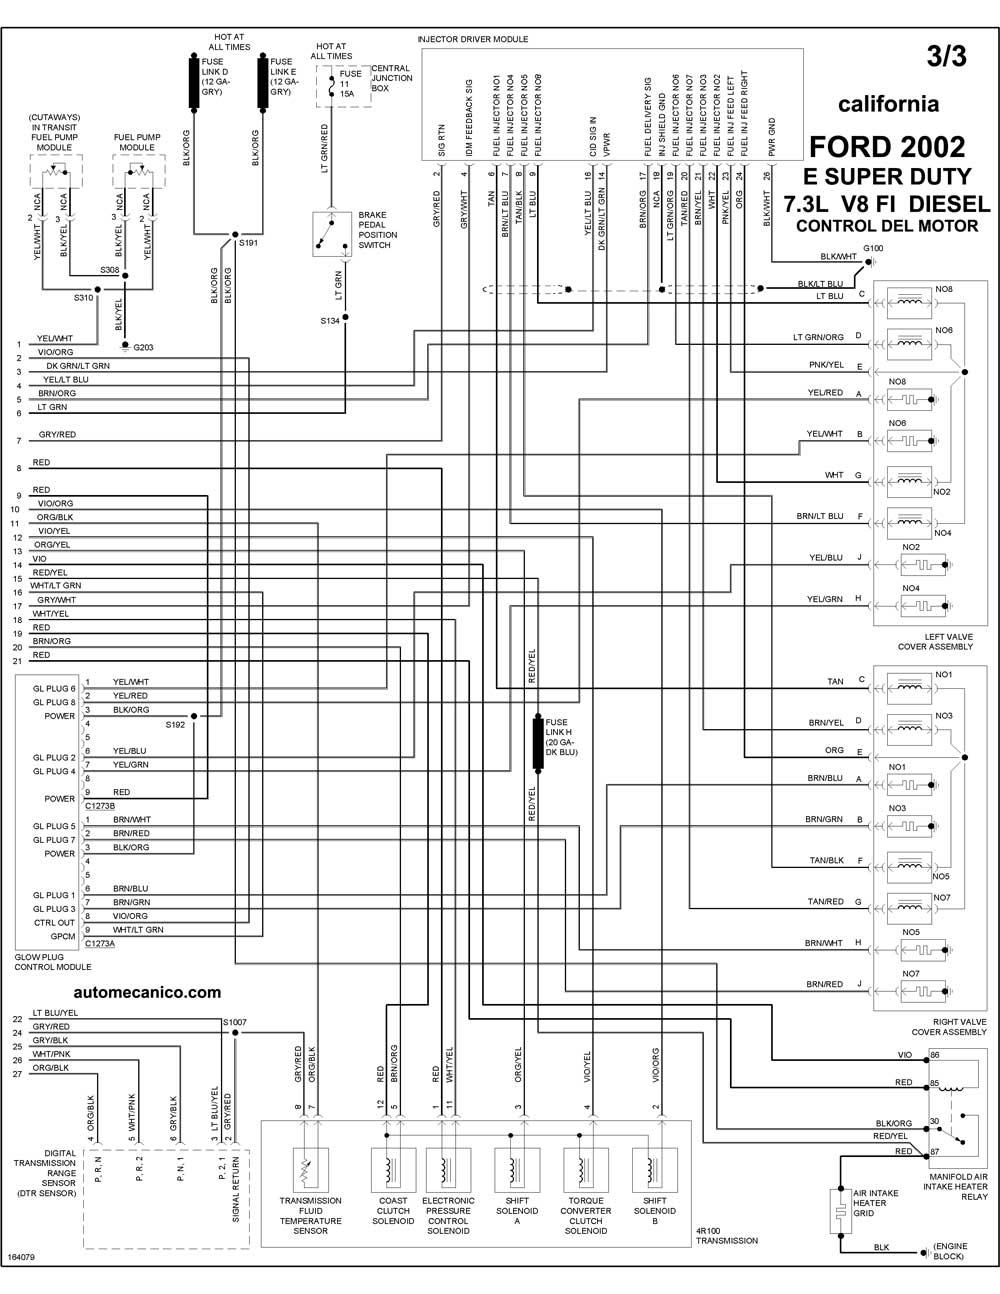 ford - diagramas control del motor 2002